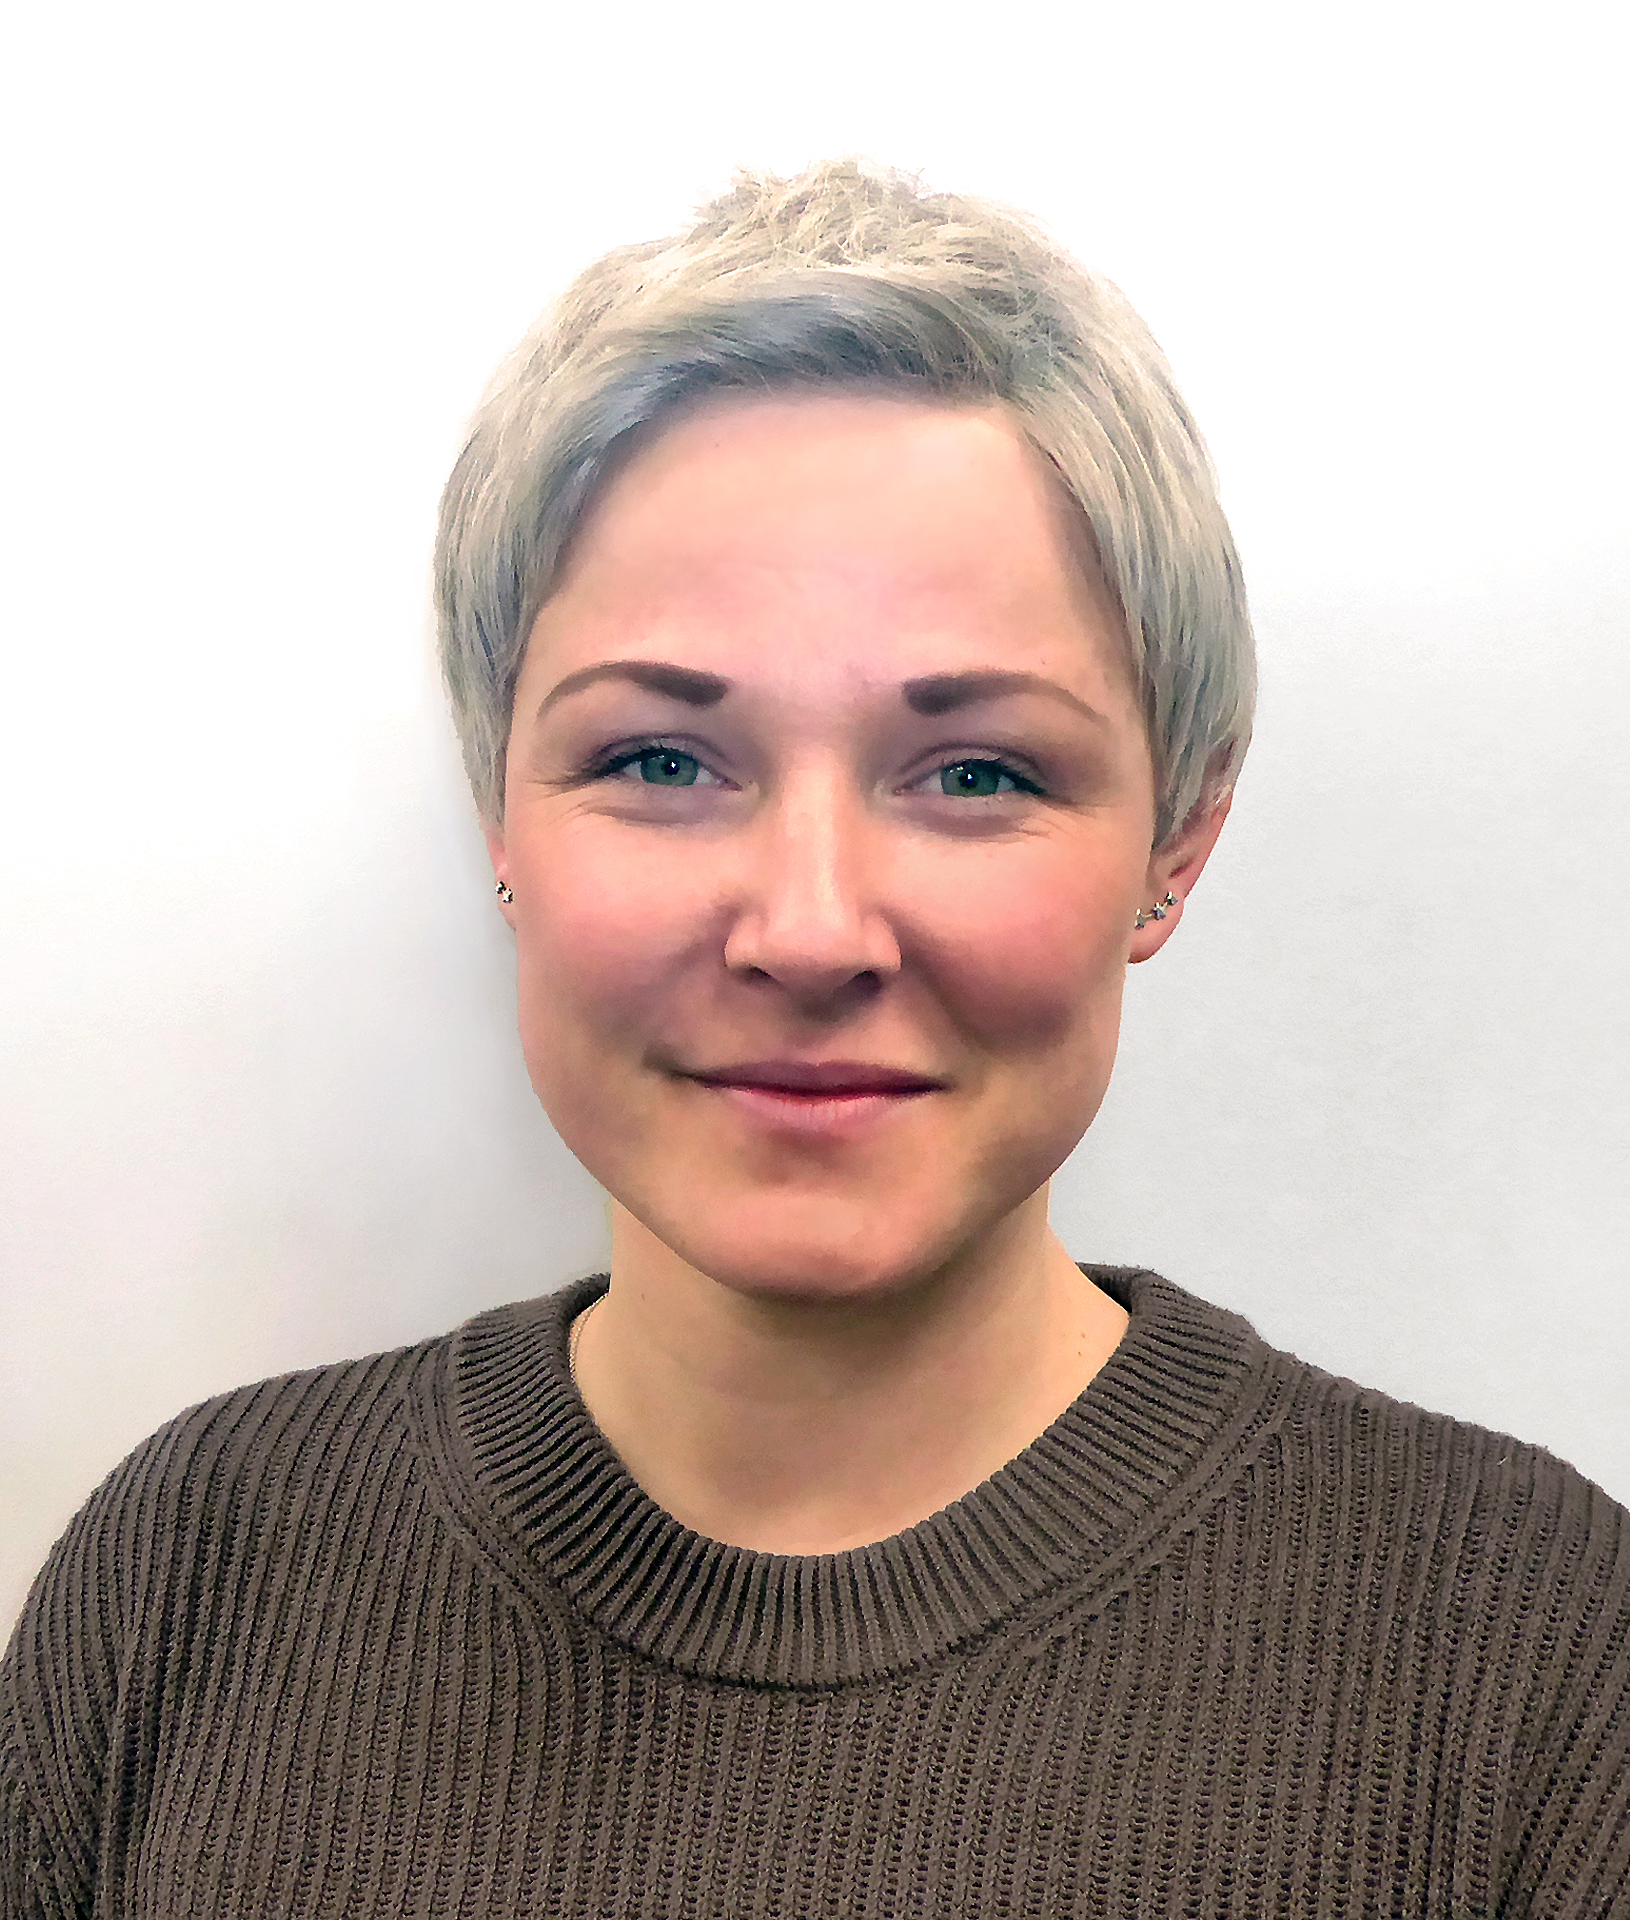 Samantha Scrymgeour